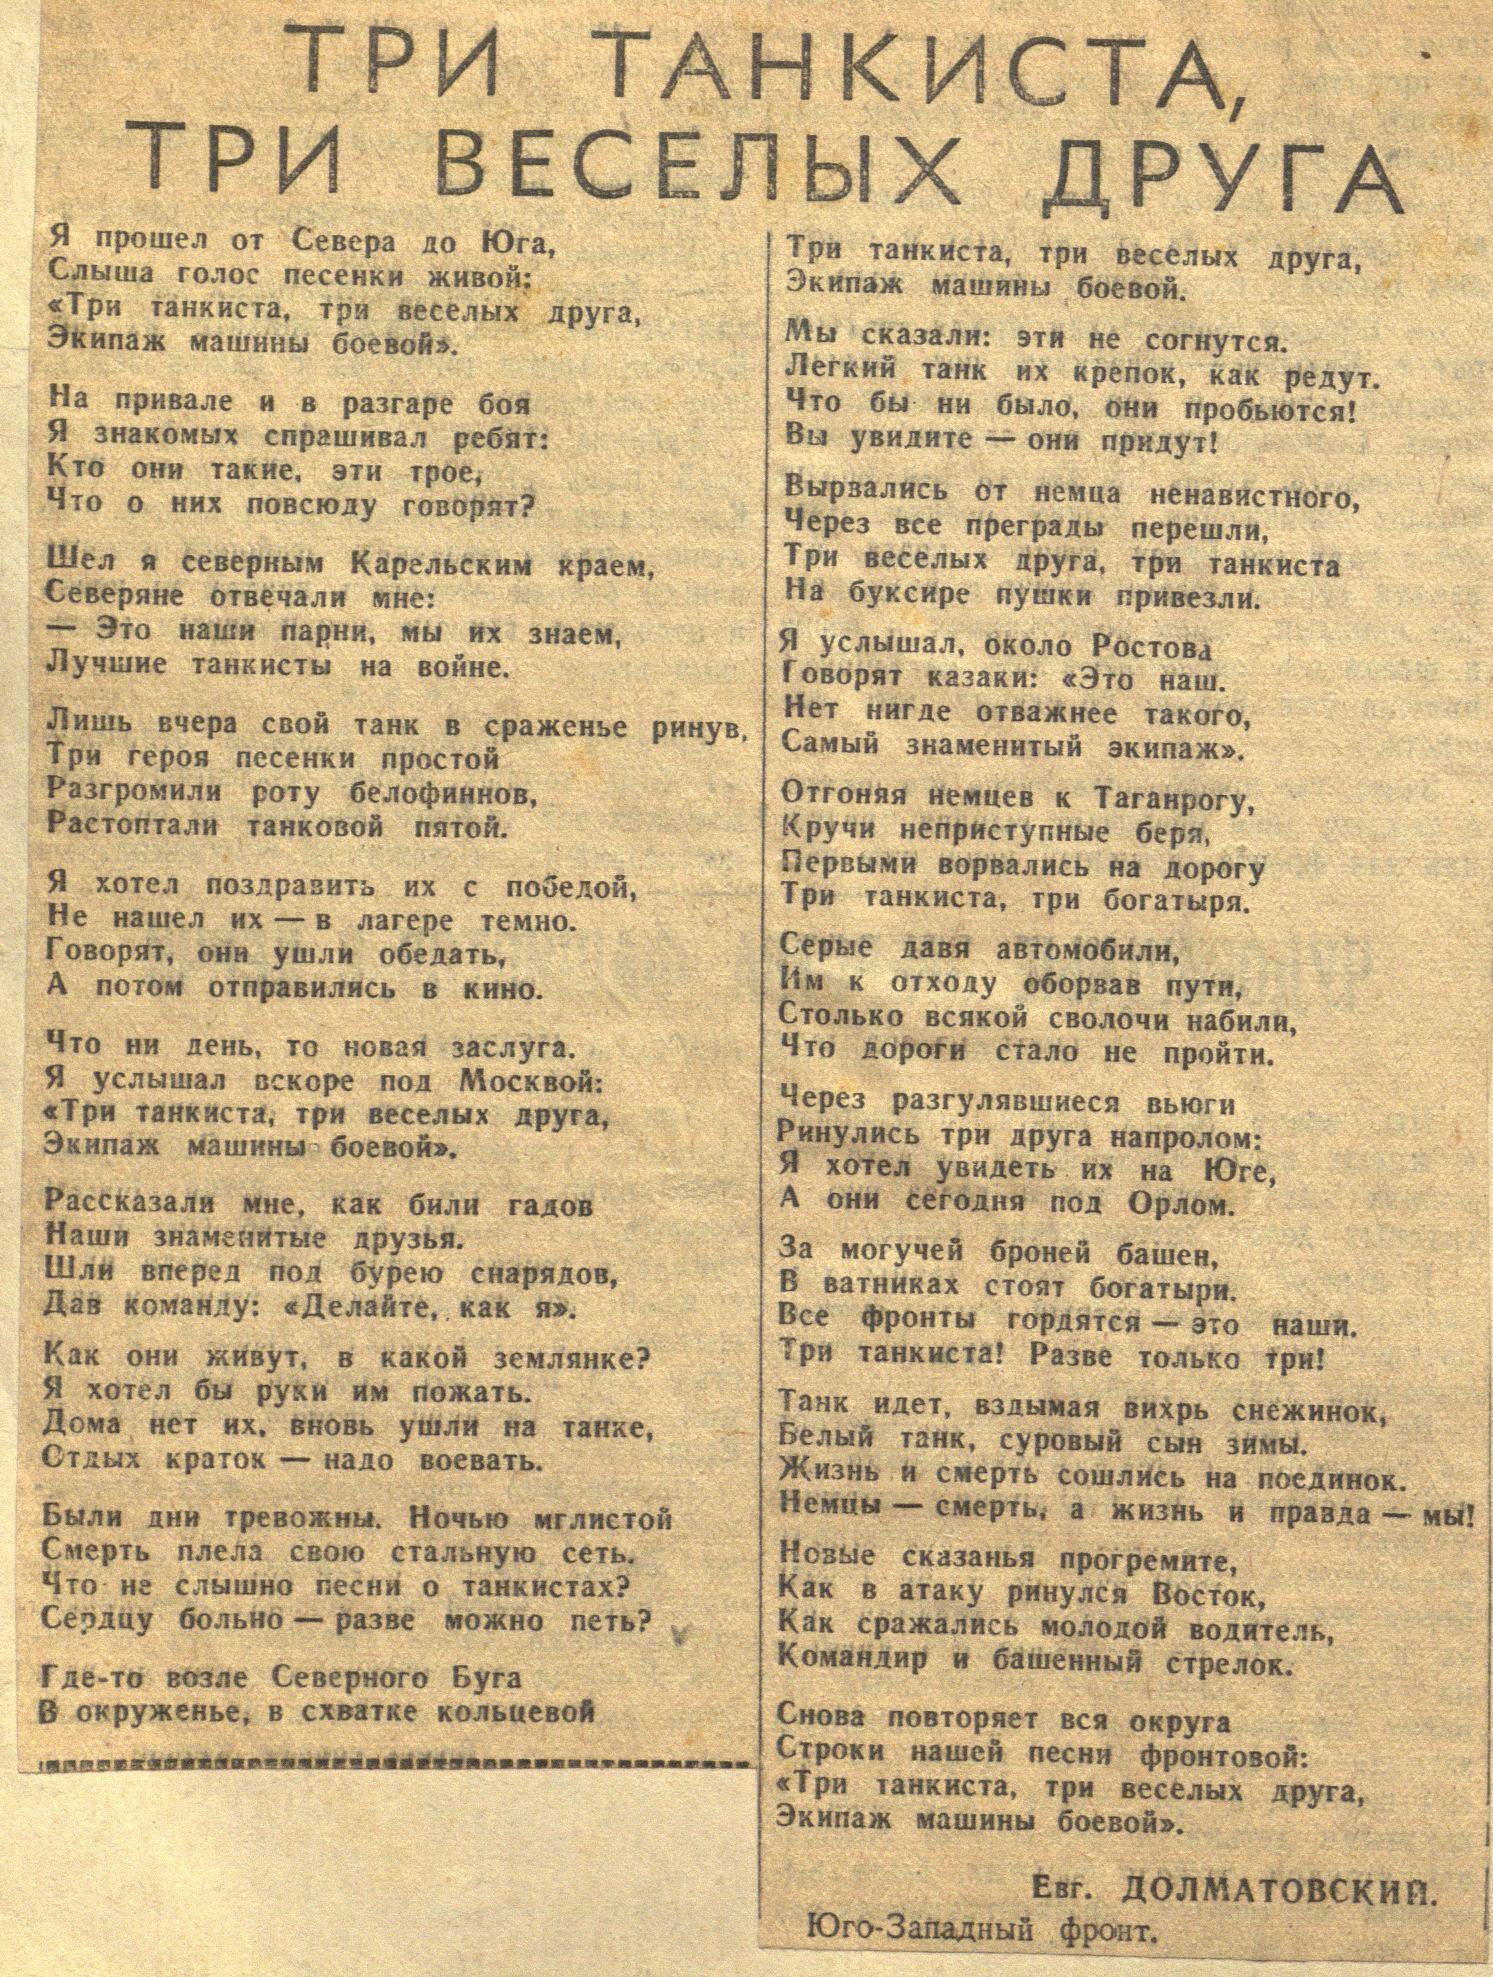 МИНУСОВКА ПЕСНИ ТРИ ТАНКИСТА СКАЧАТЬ БЕСПЛАТНО